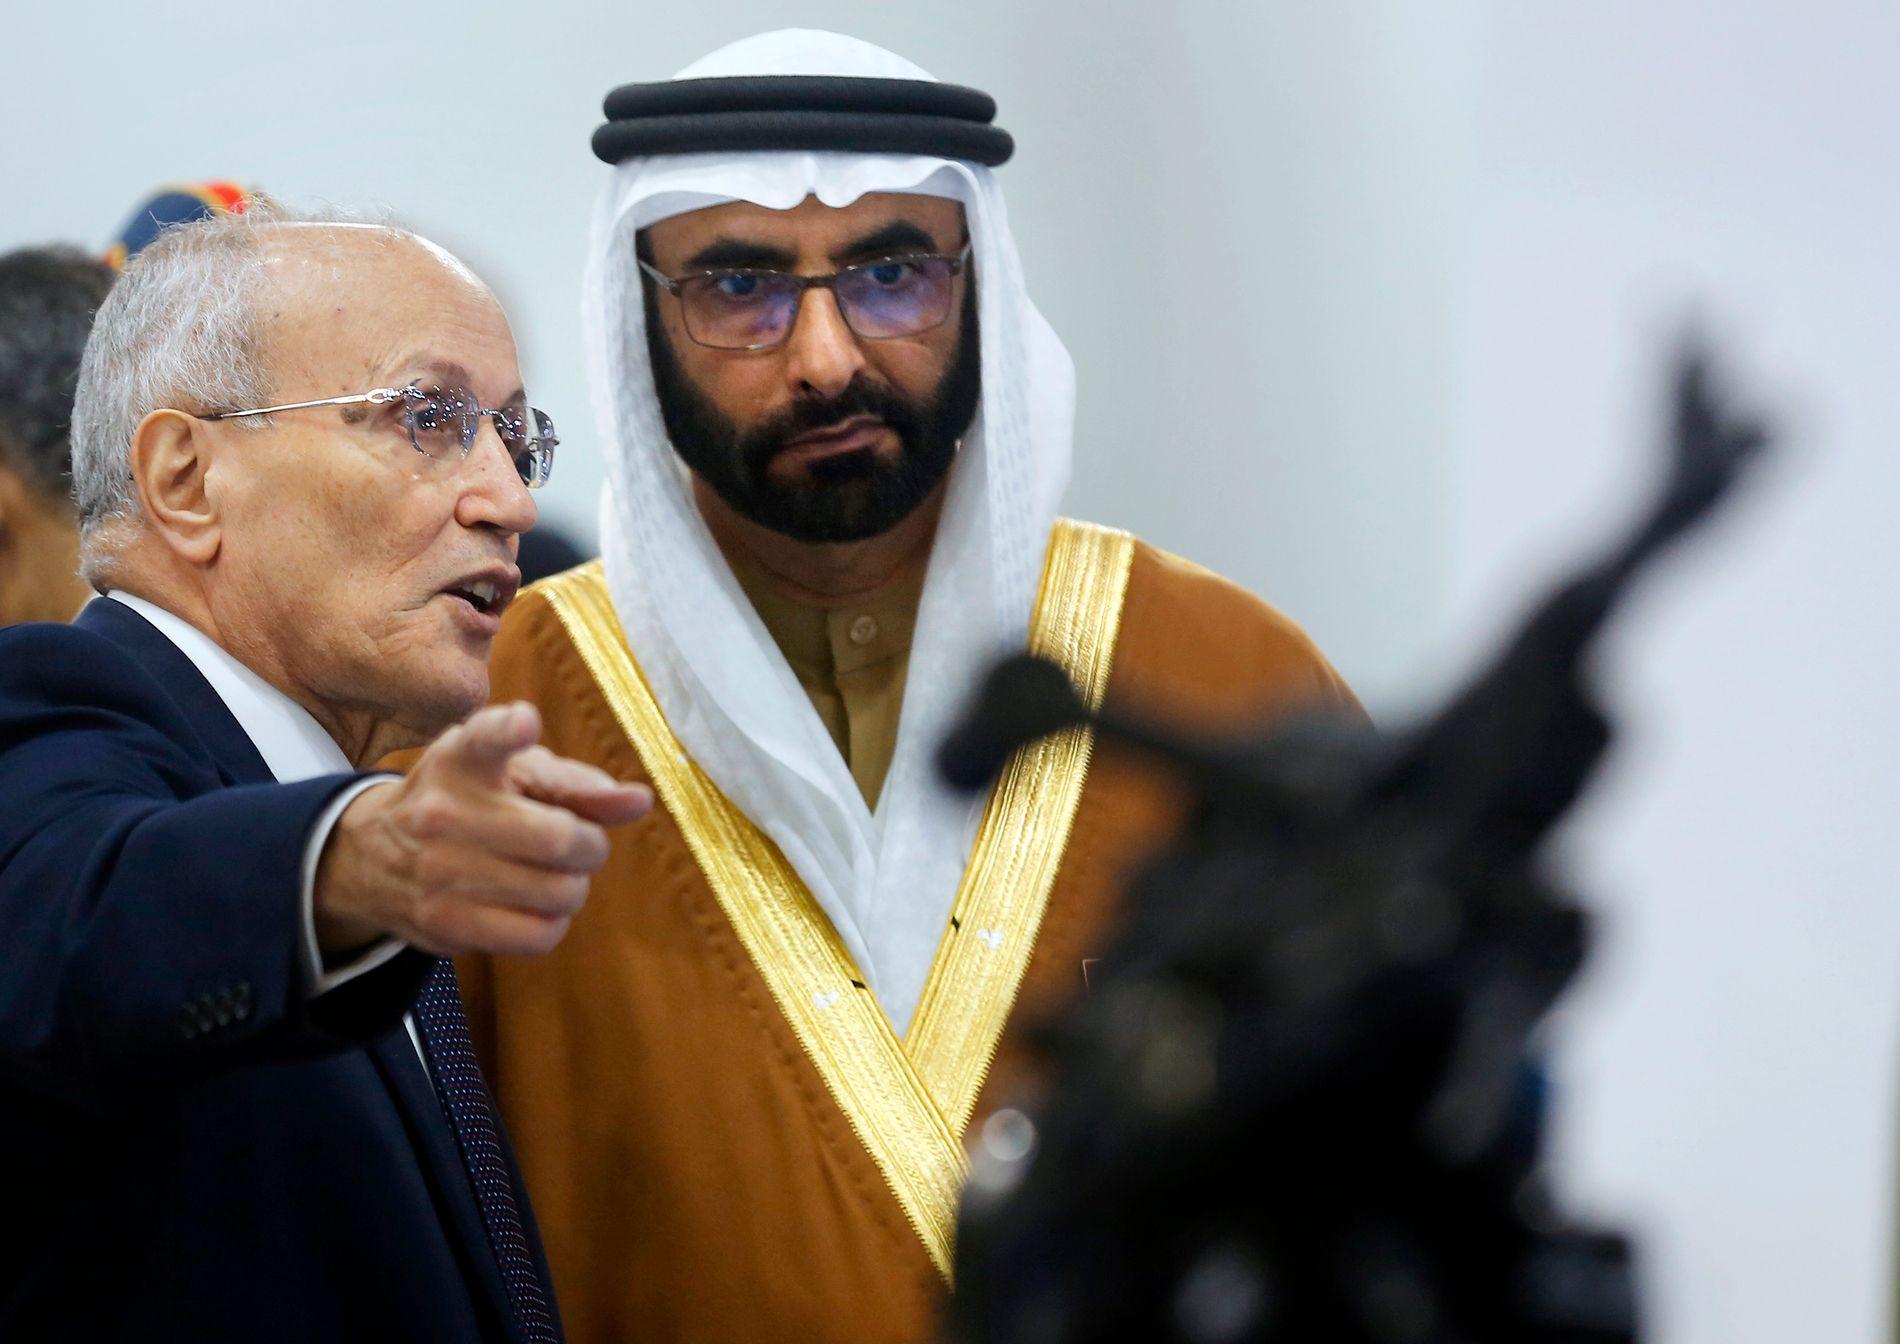 VÅPENKUNDE: Blant interesserte kjøpere på våpenmessen i Kairo, var også De forente arabiske emiraters forsvarsminister Mohammed bin Ahmed al-Bowardi (t.h.). Norge har stanset eksport av våpen og ammunisjon til landet, men norskeide datterselskap i utlandet er ikke berørt av regjeringens beslutning.